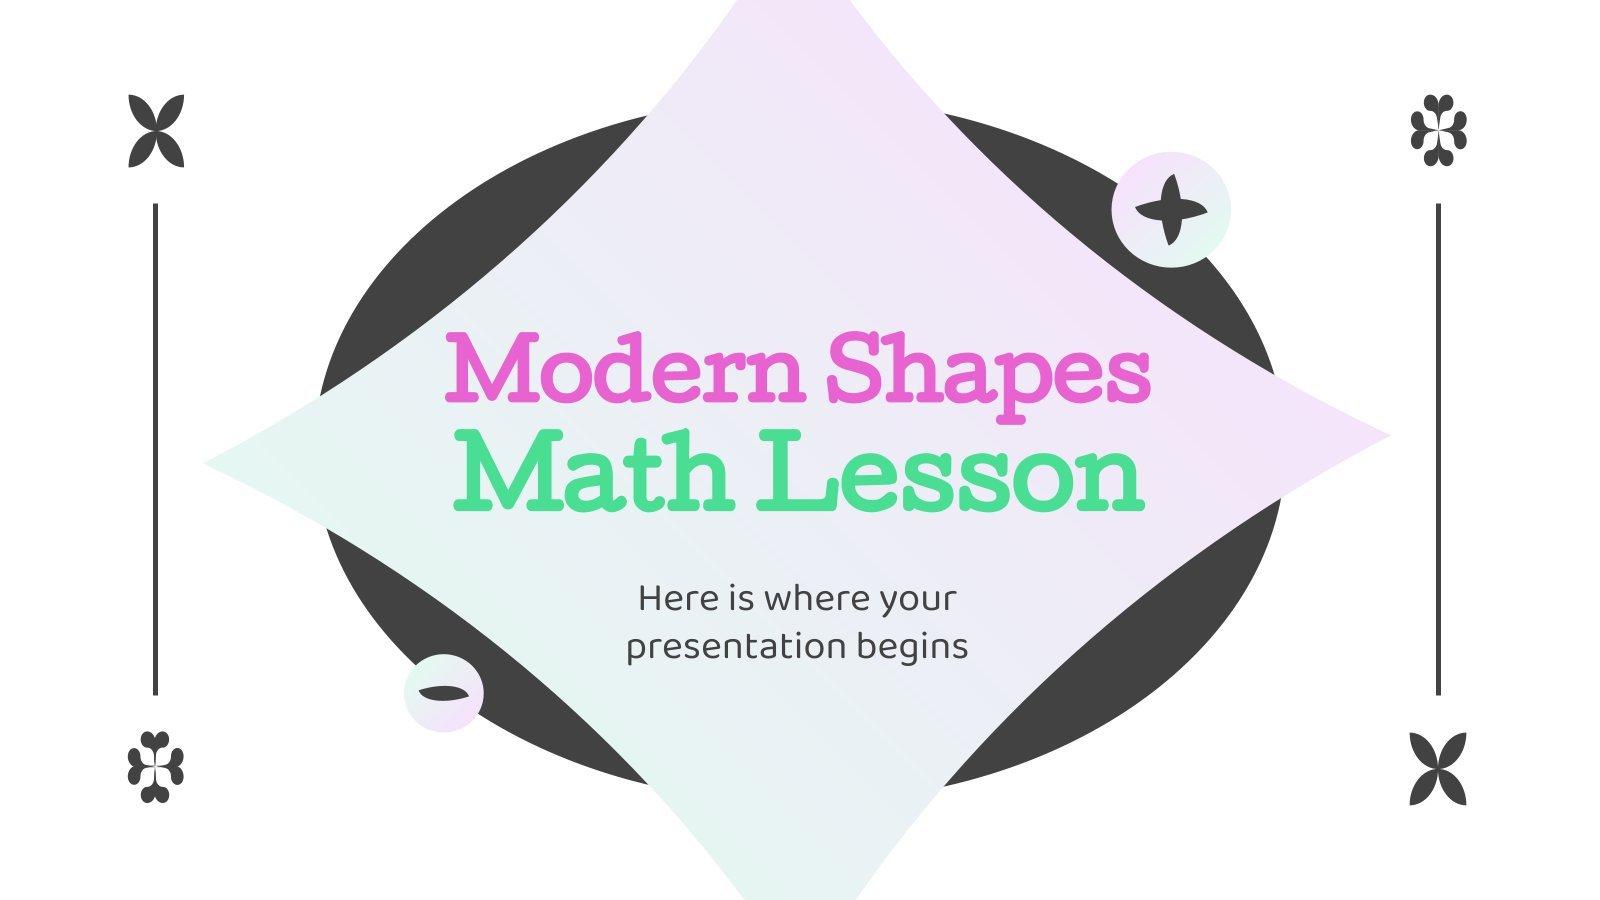 Modelo de apresentação Aula de matemática com formas modernas